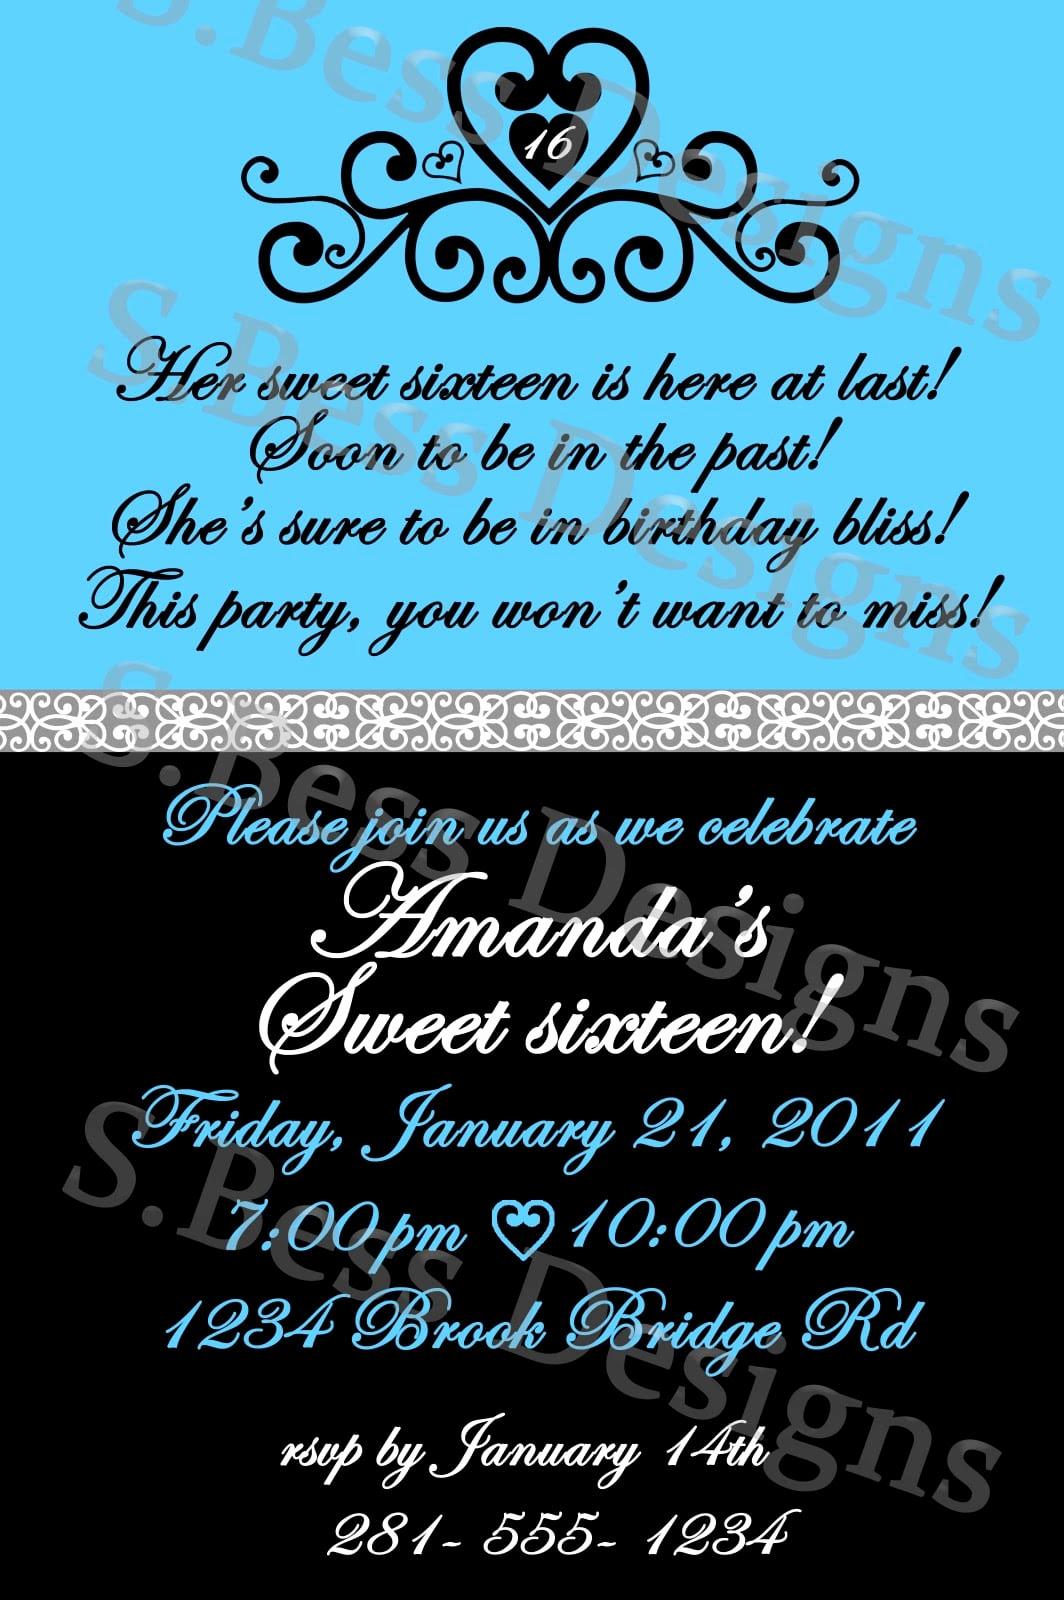 Sweet 16 Invitation Template Luxury Free Sweet 16 Invitation Template